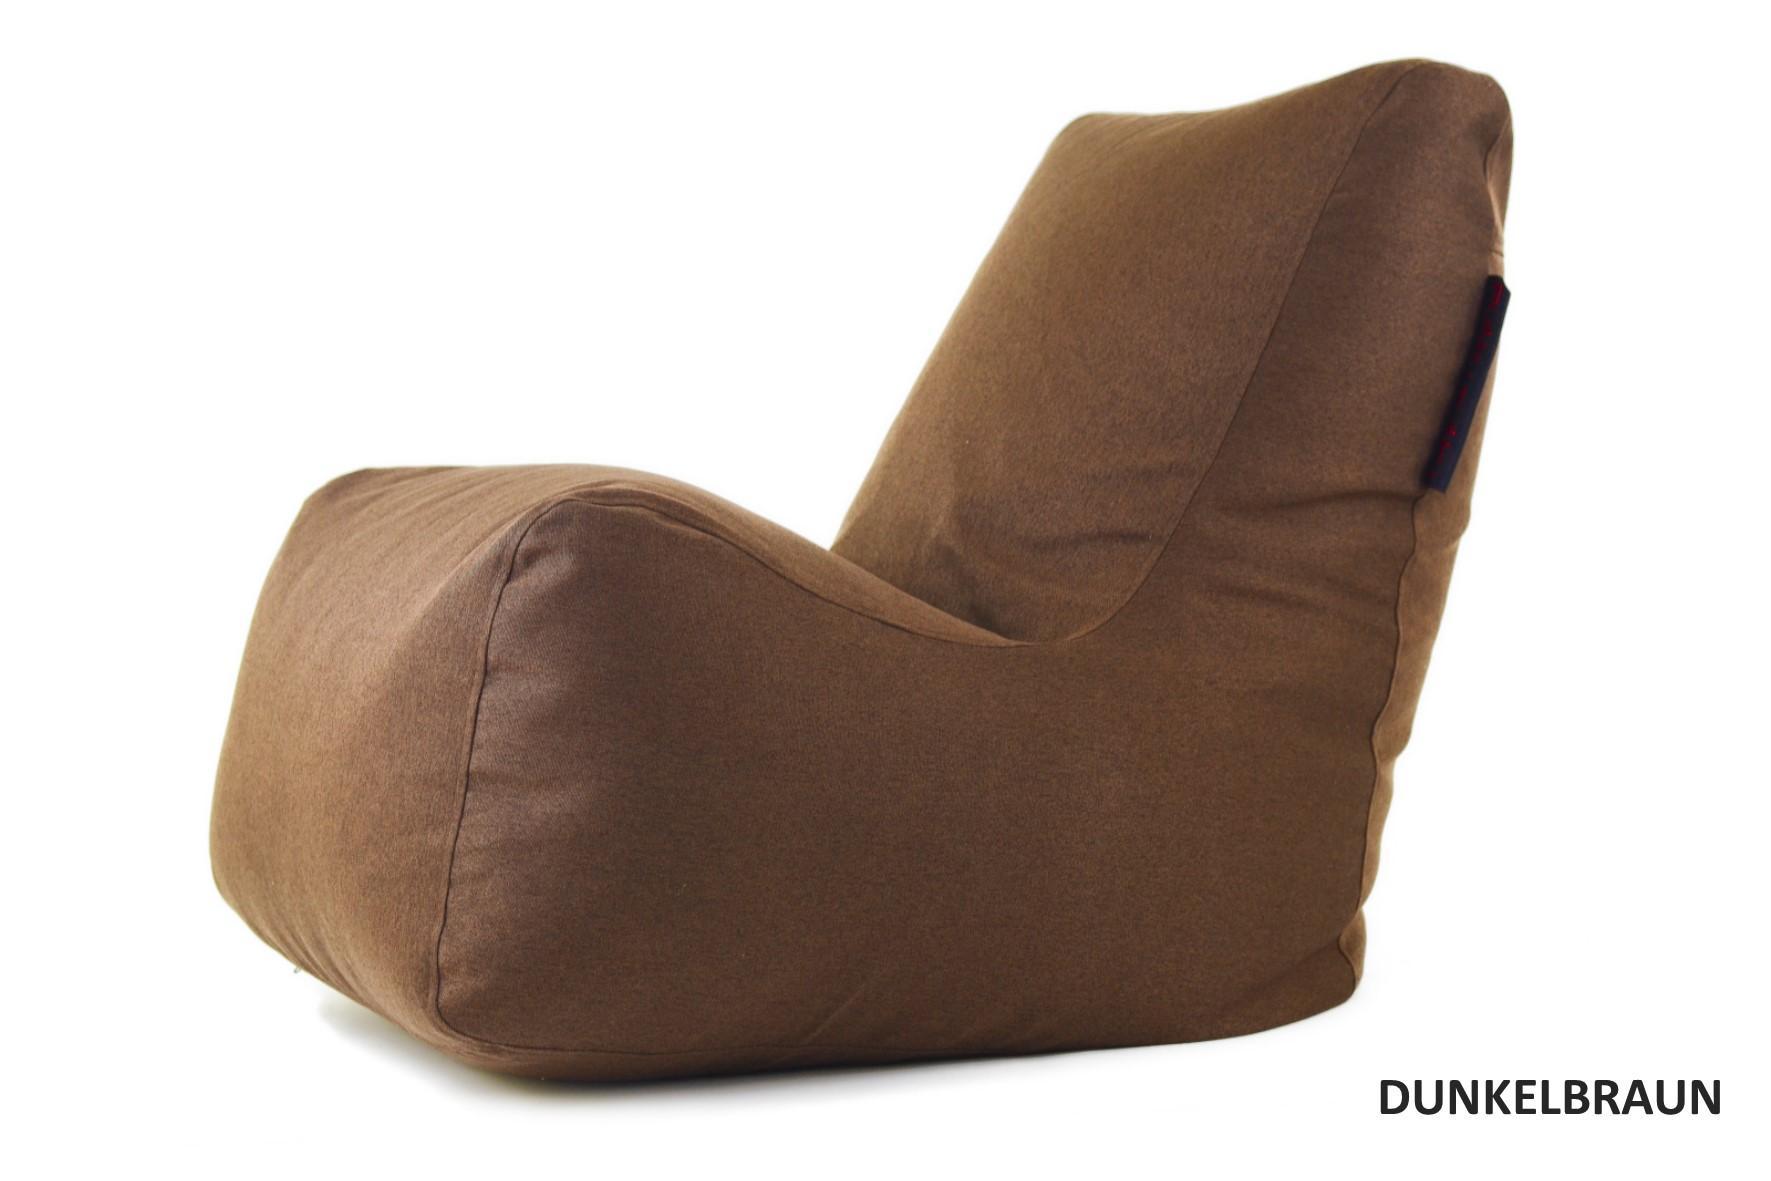 Sitzsack sessel f r indoor g nstig online kaufen - Sitzsack wohnzimmer ...